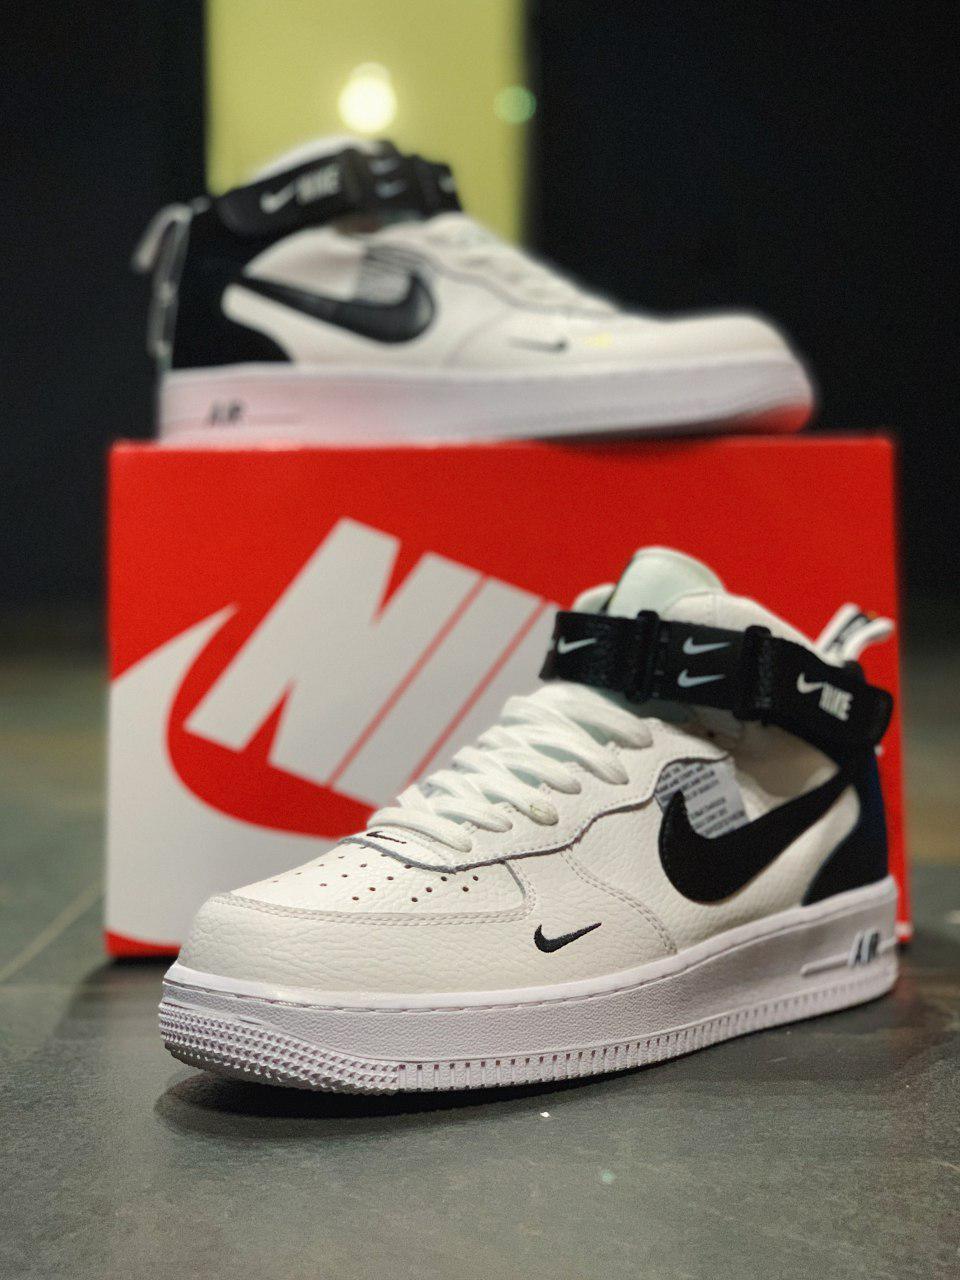 Кроссовки высокие натуральная кожа Nike Air Force Найк Аир Форс (,43,45.)